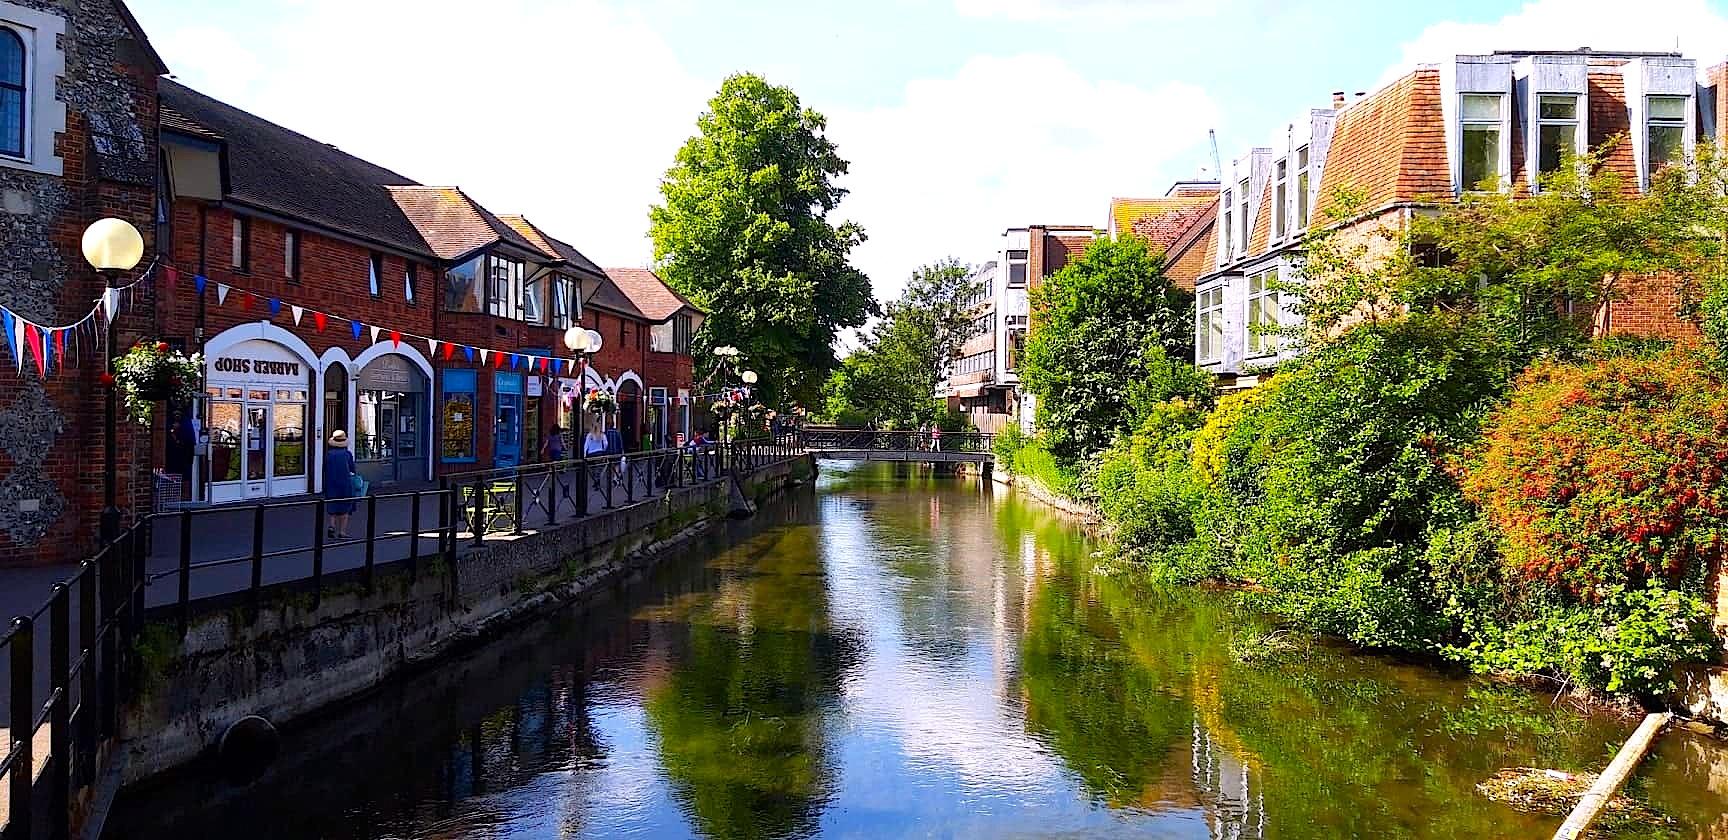 Salisbury - qyteti mbi Avon (foto j. radi)